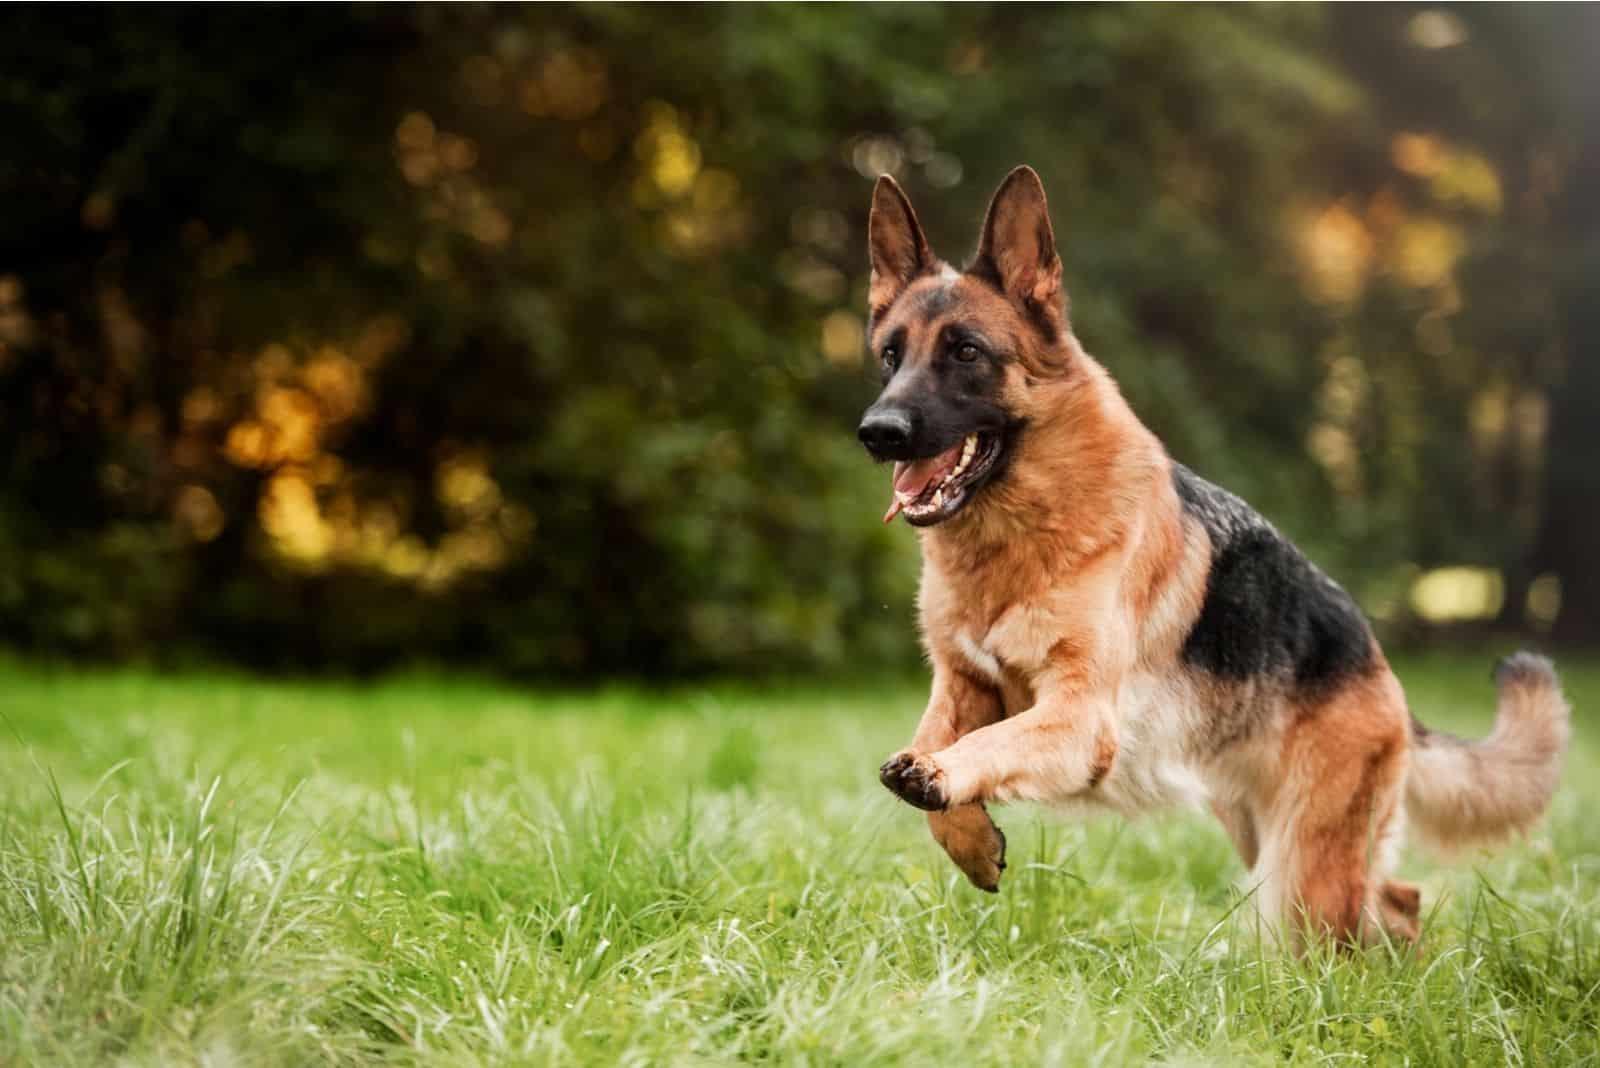 Running german shepherd in the field in the daylight